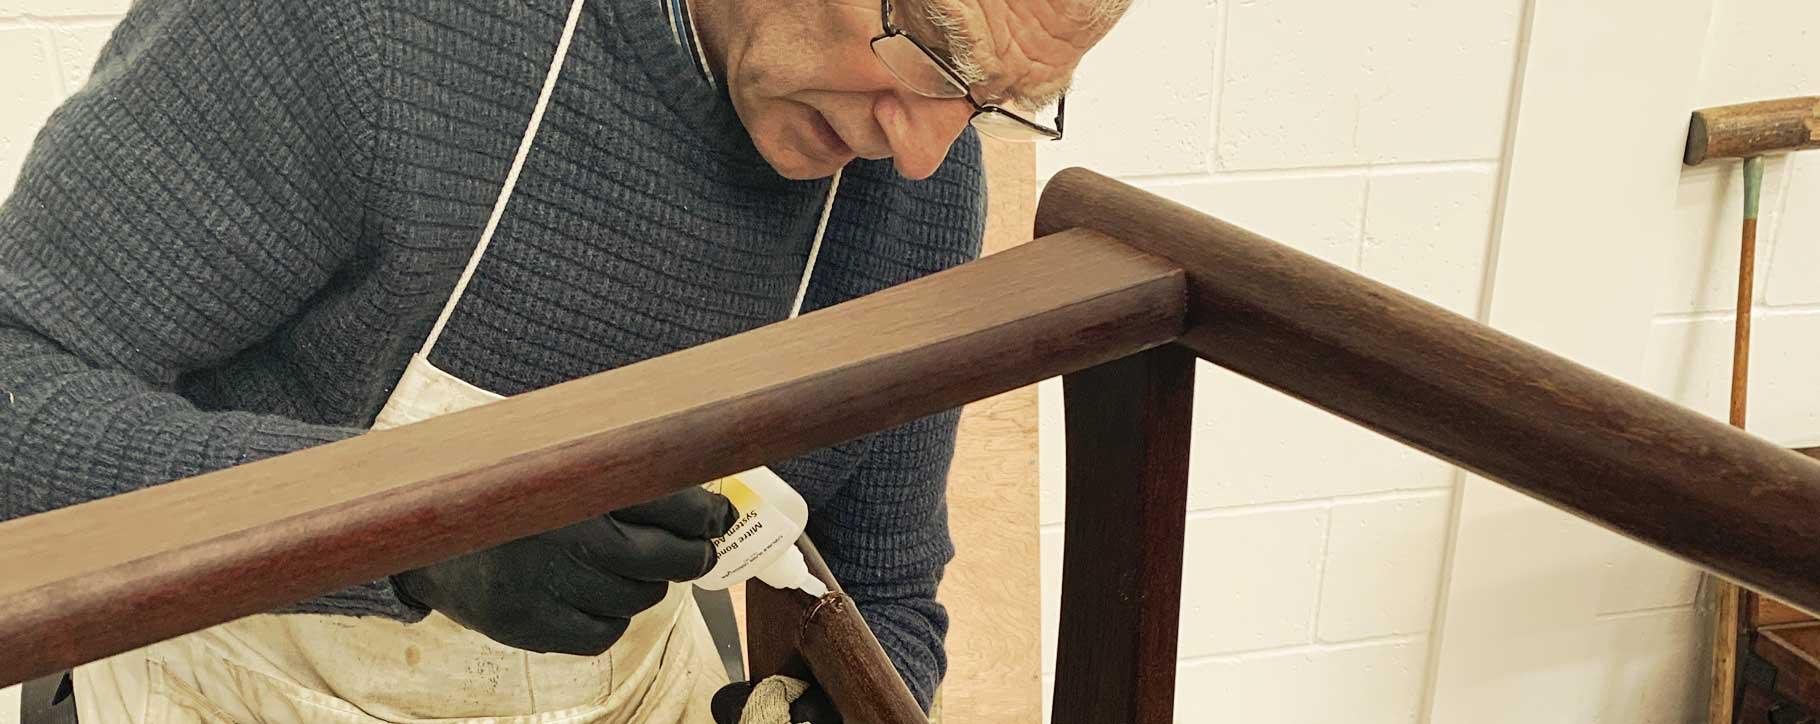 furniture restorer gluing